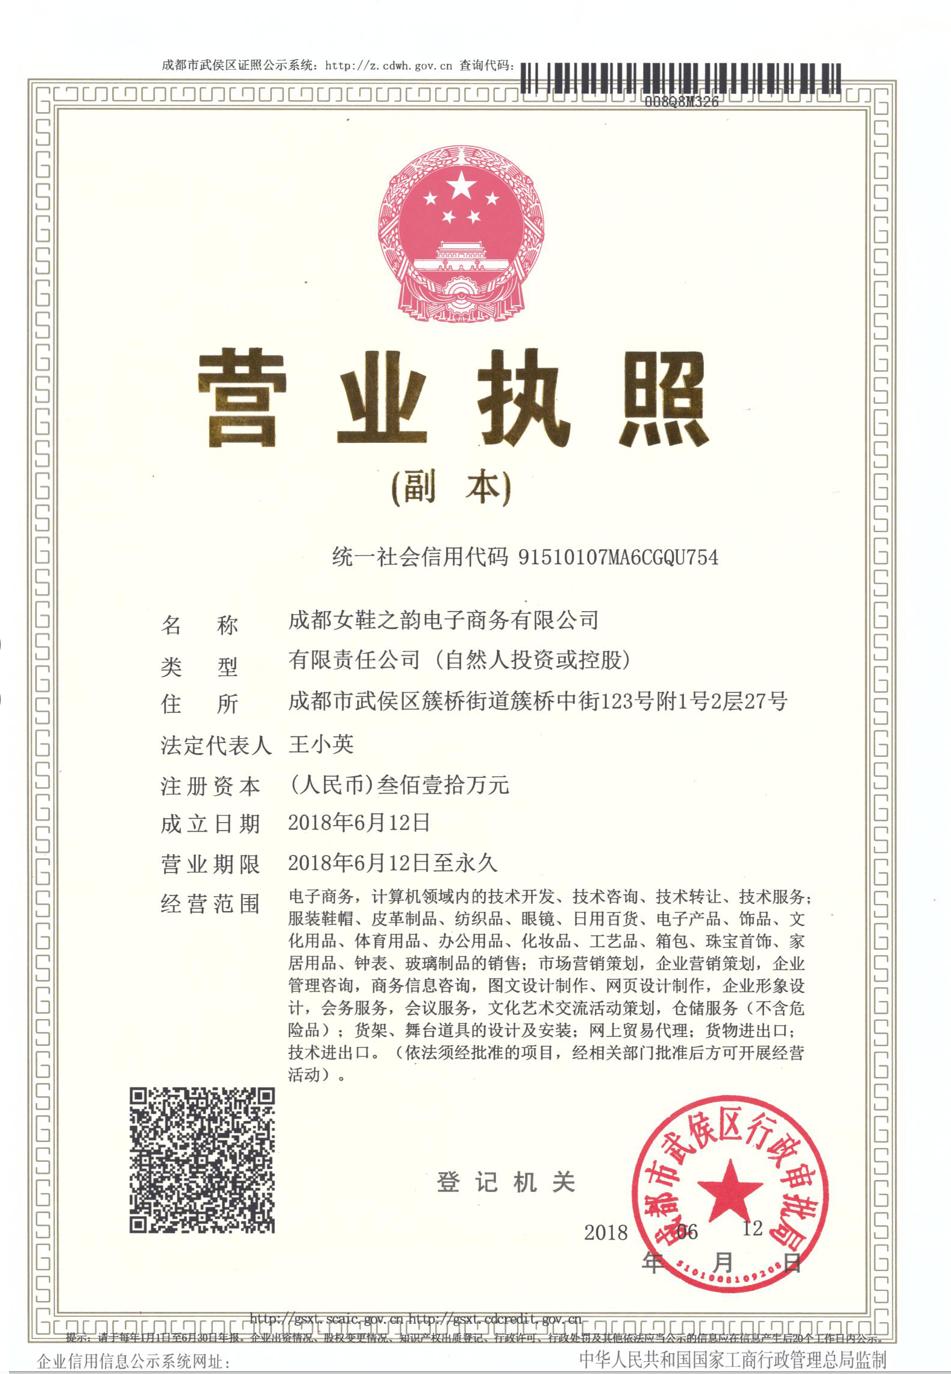 成都女鞋之韵电子商务有限公司企业档案